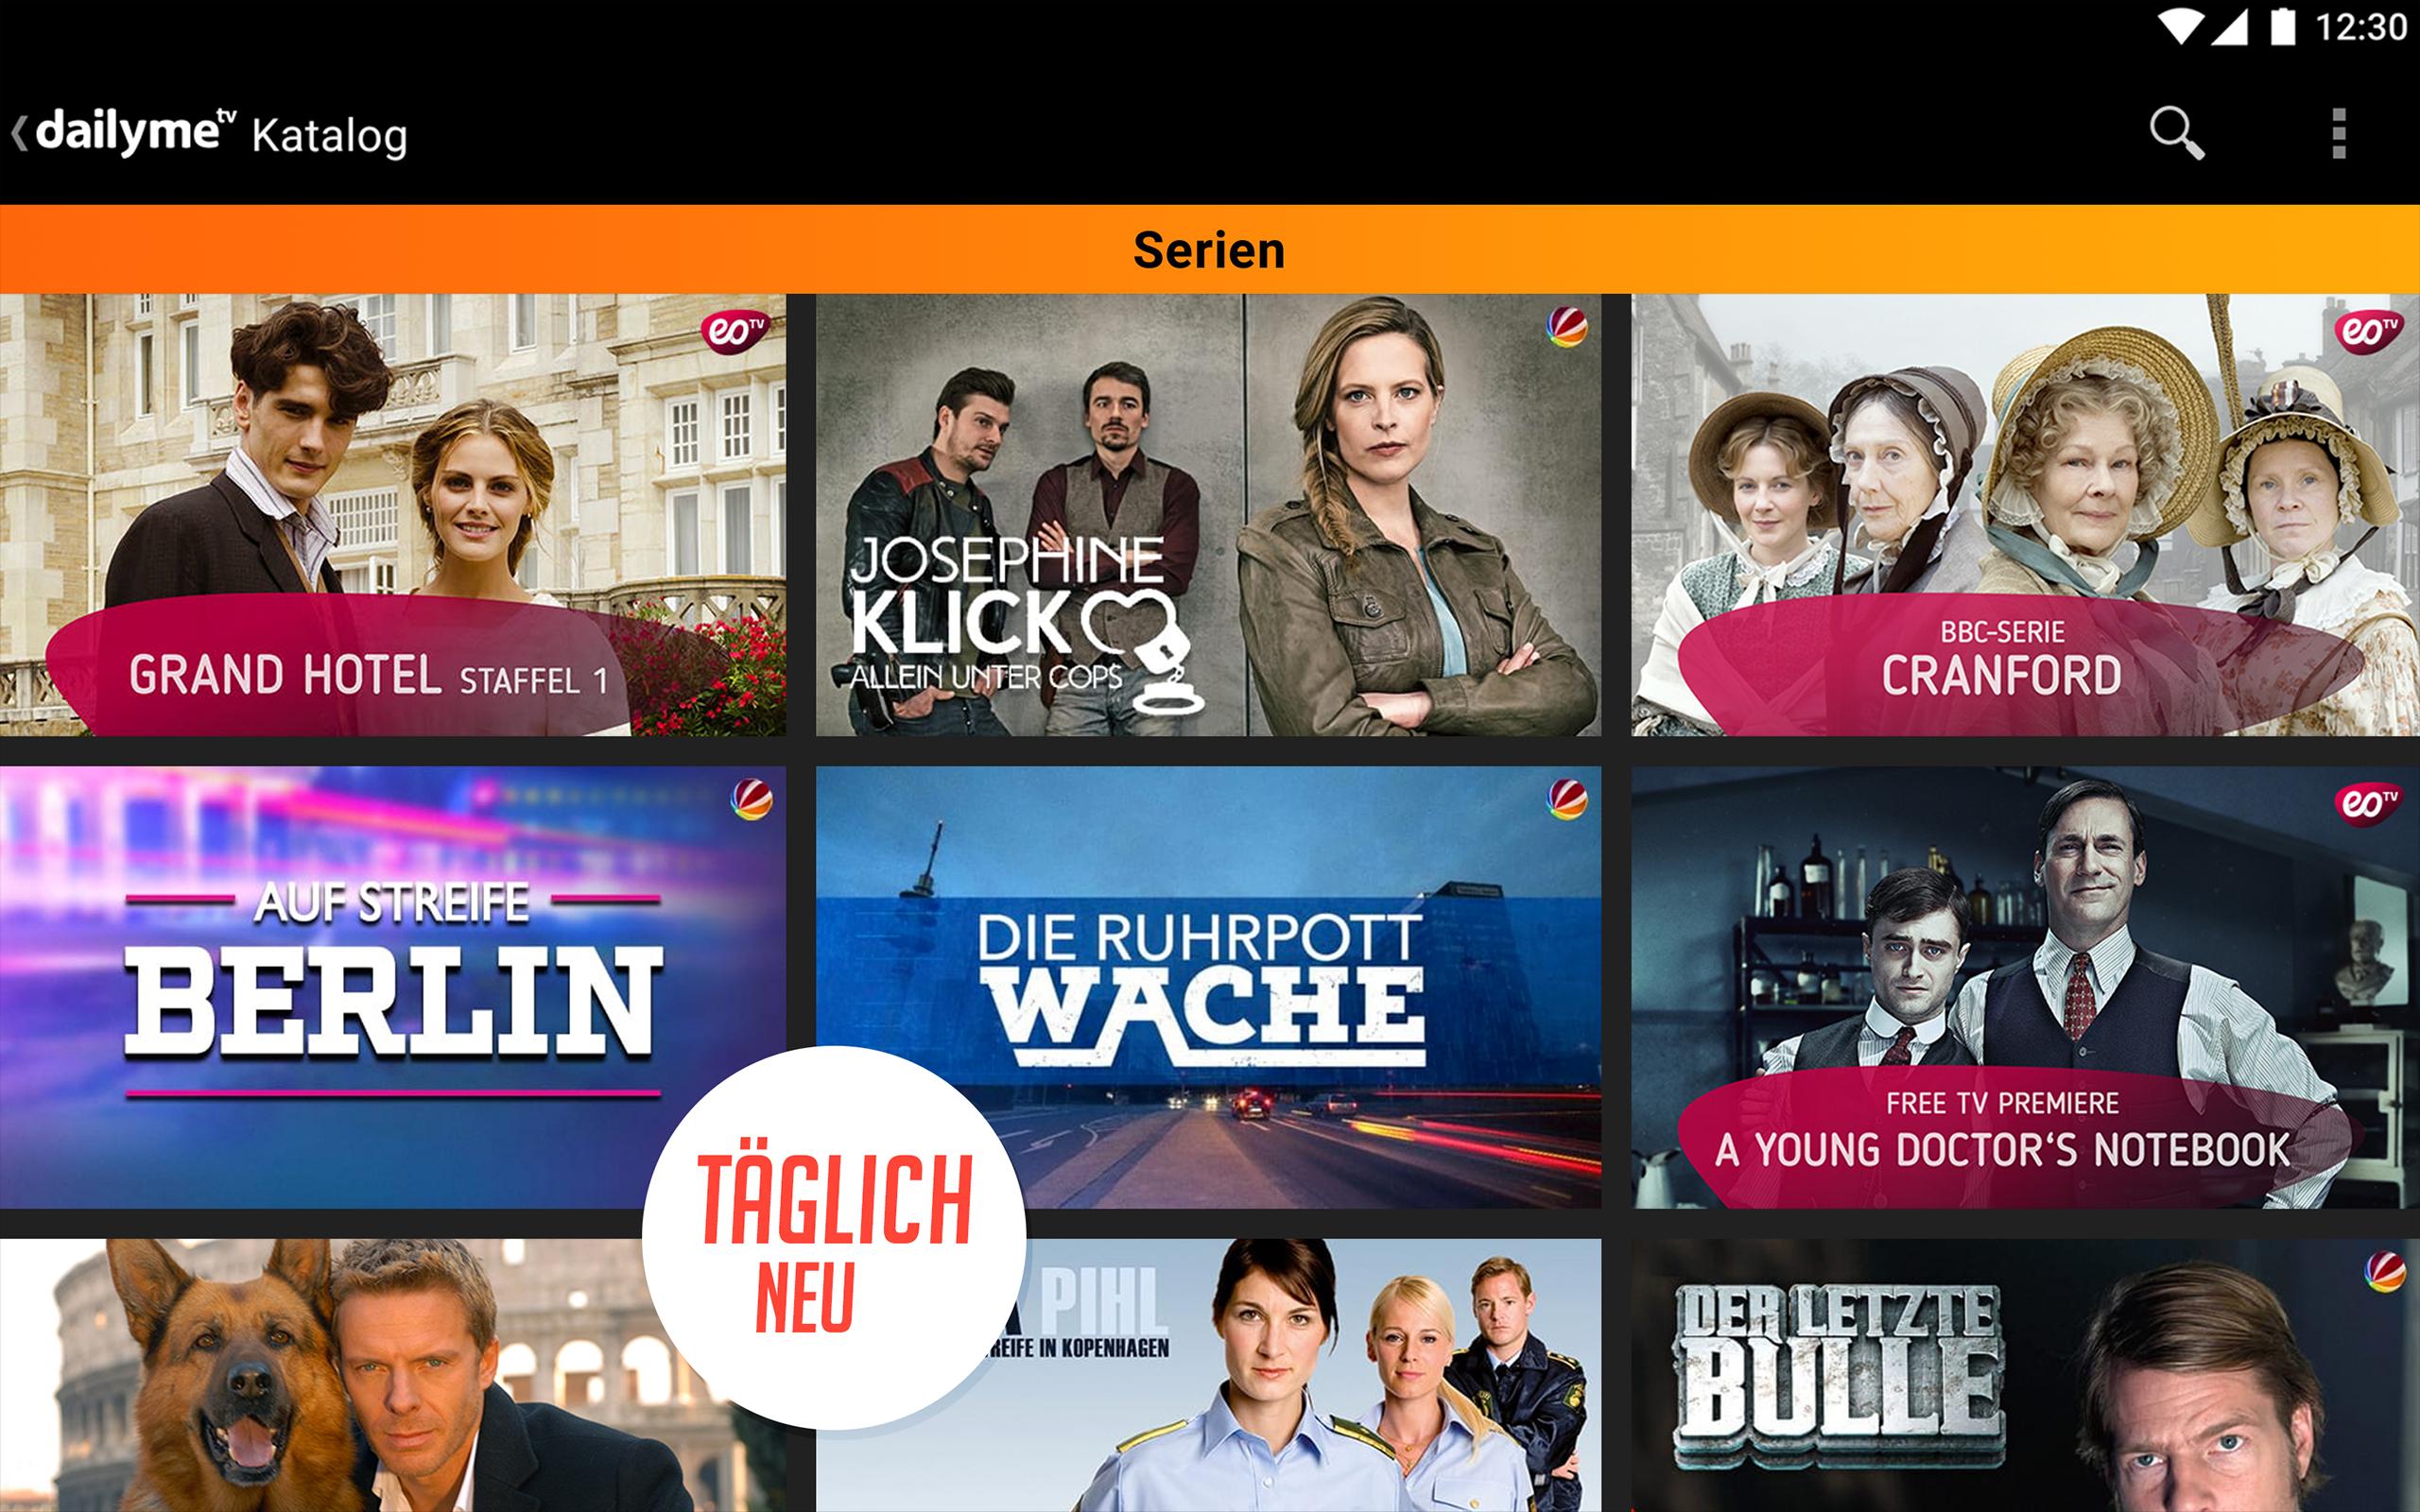 Dailyme Tv Serien Fernsehen Serien Filme Shows Offline Für Unterwegs